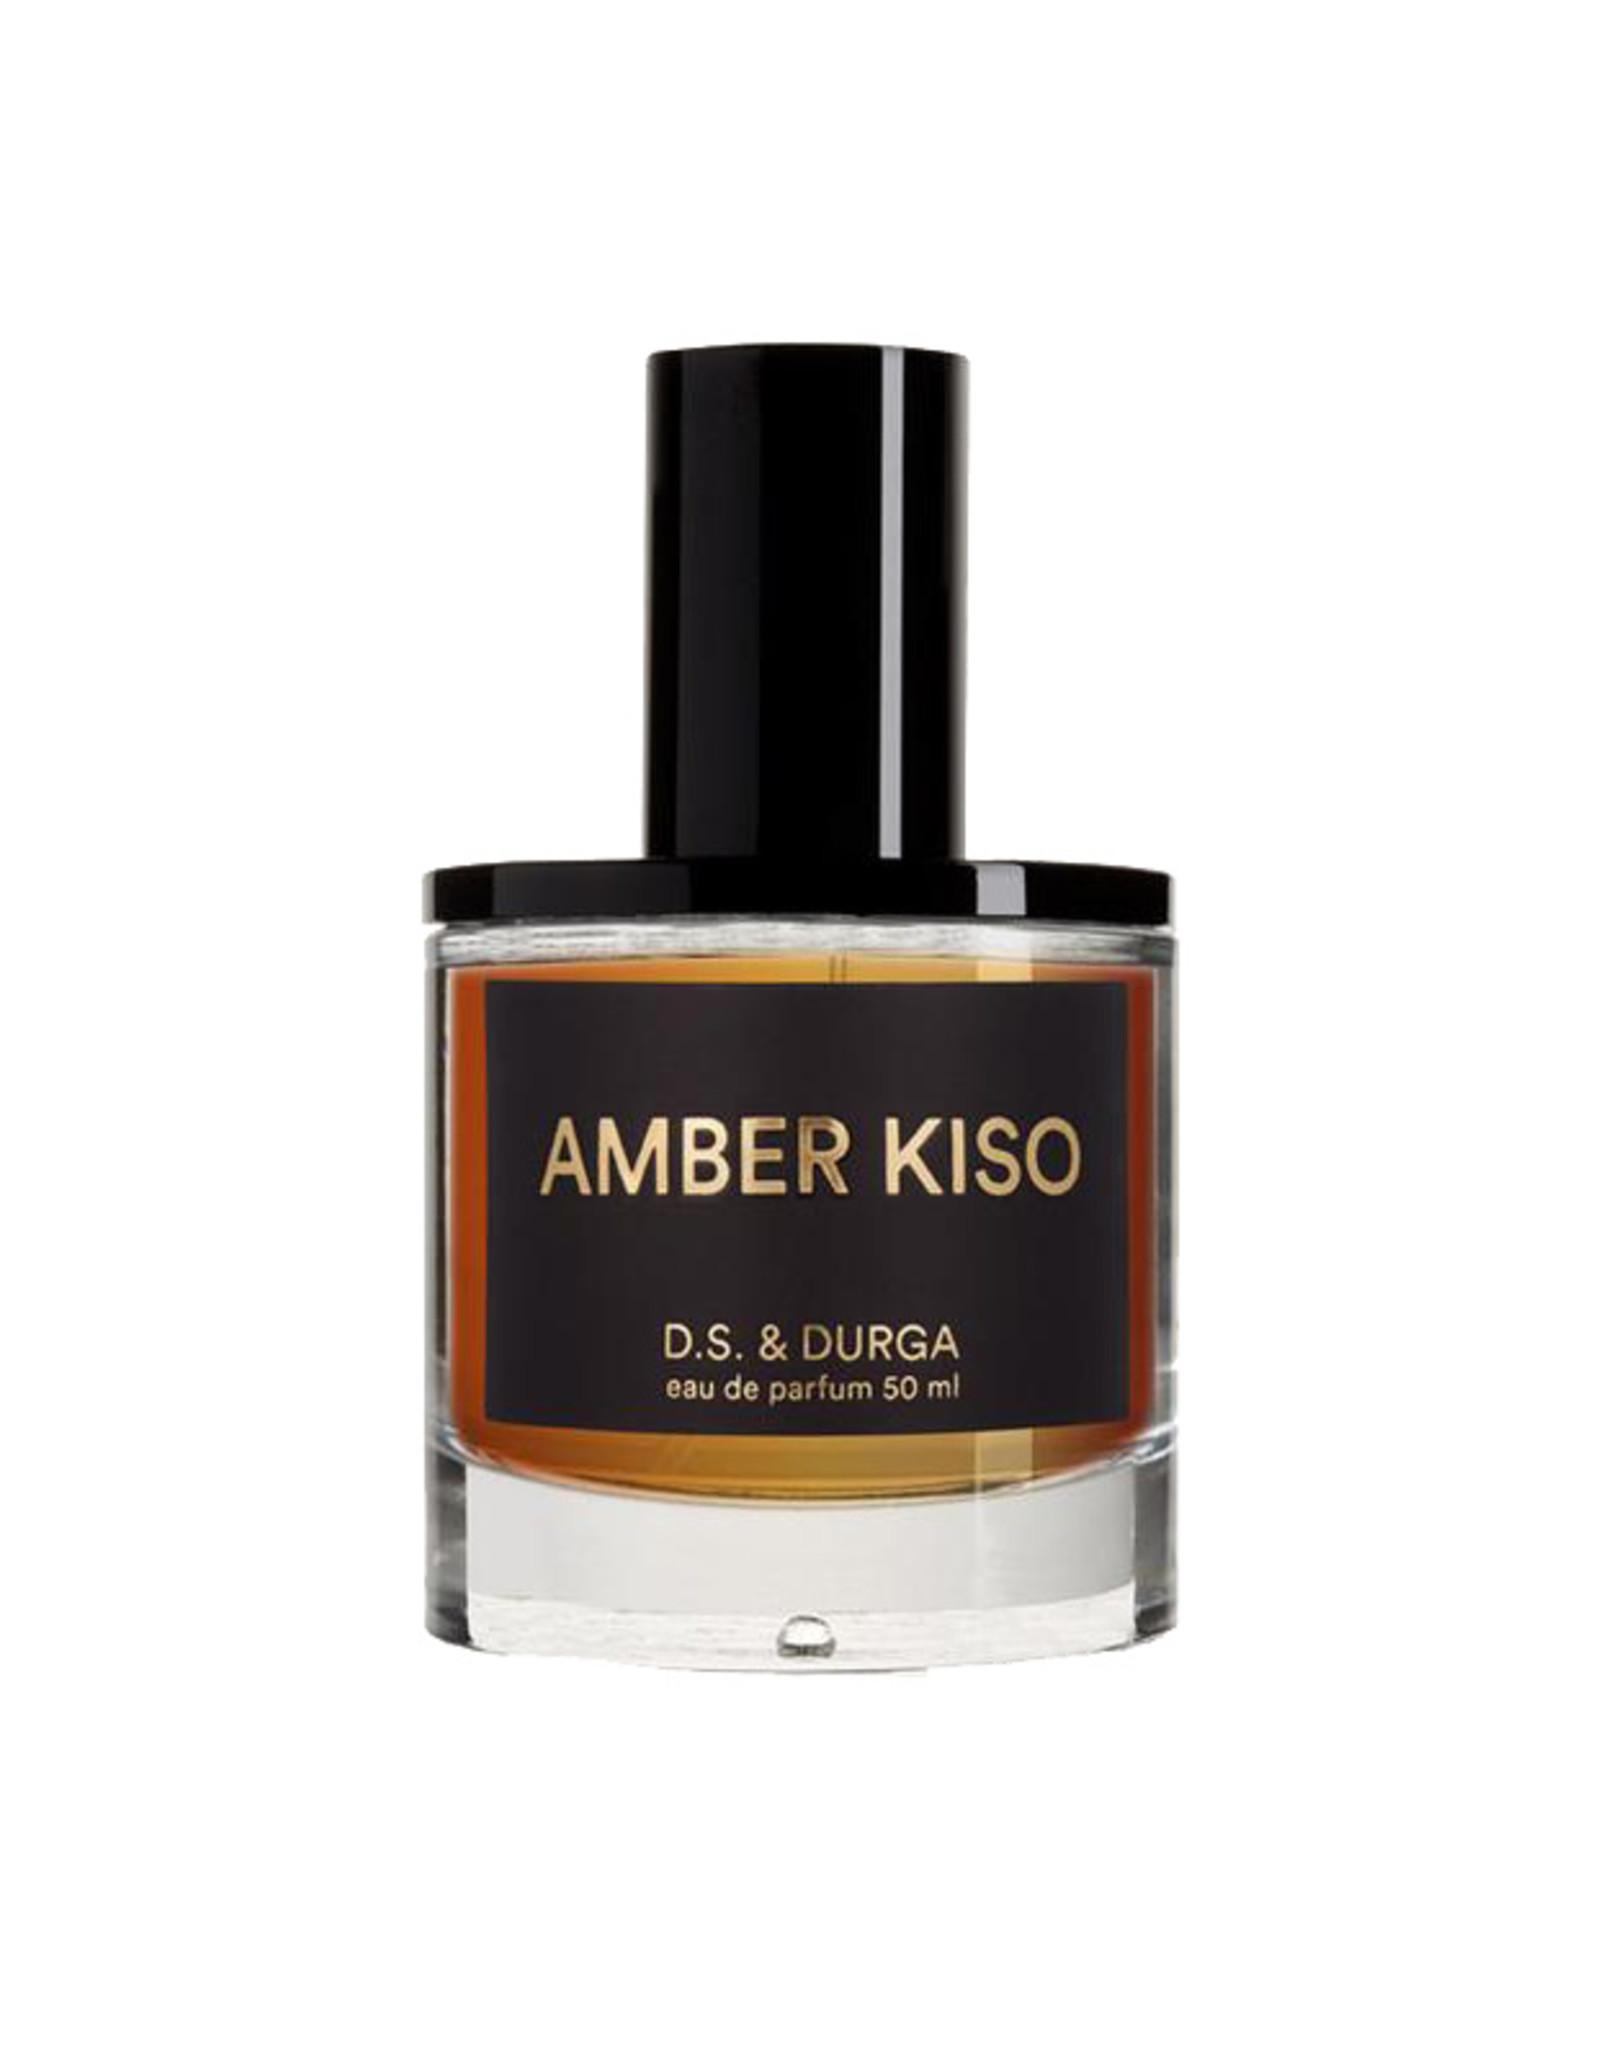 D.S. & DURGA Amber Kiso - Eau De Parfum - 50 mL